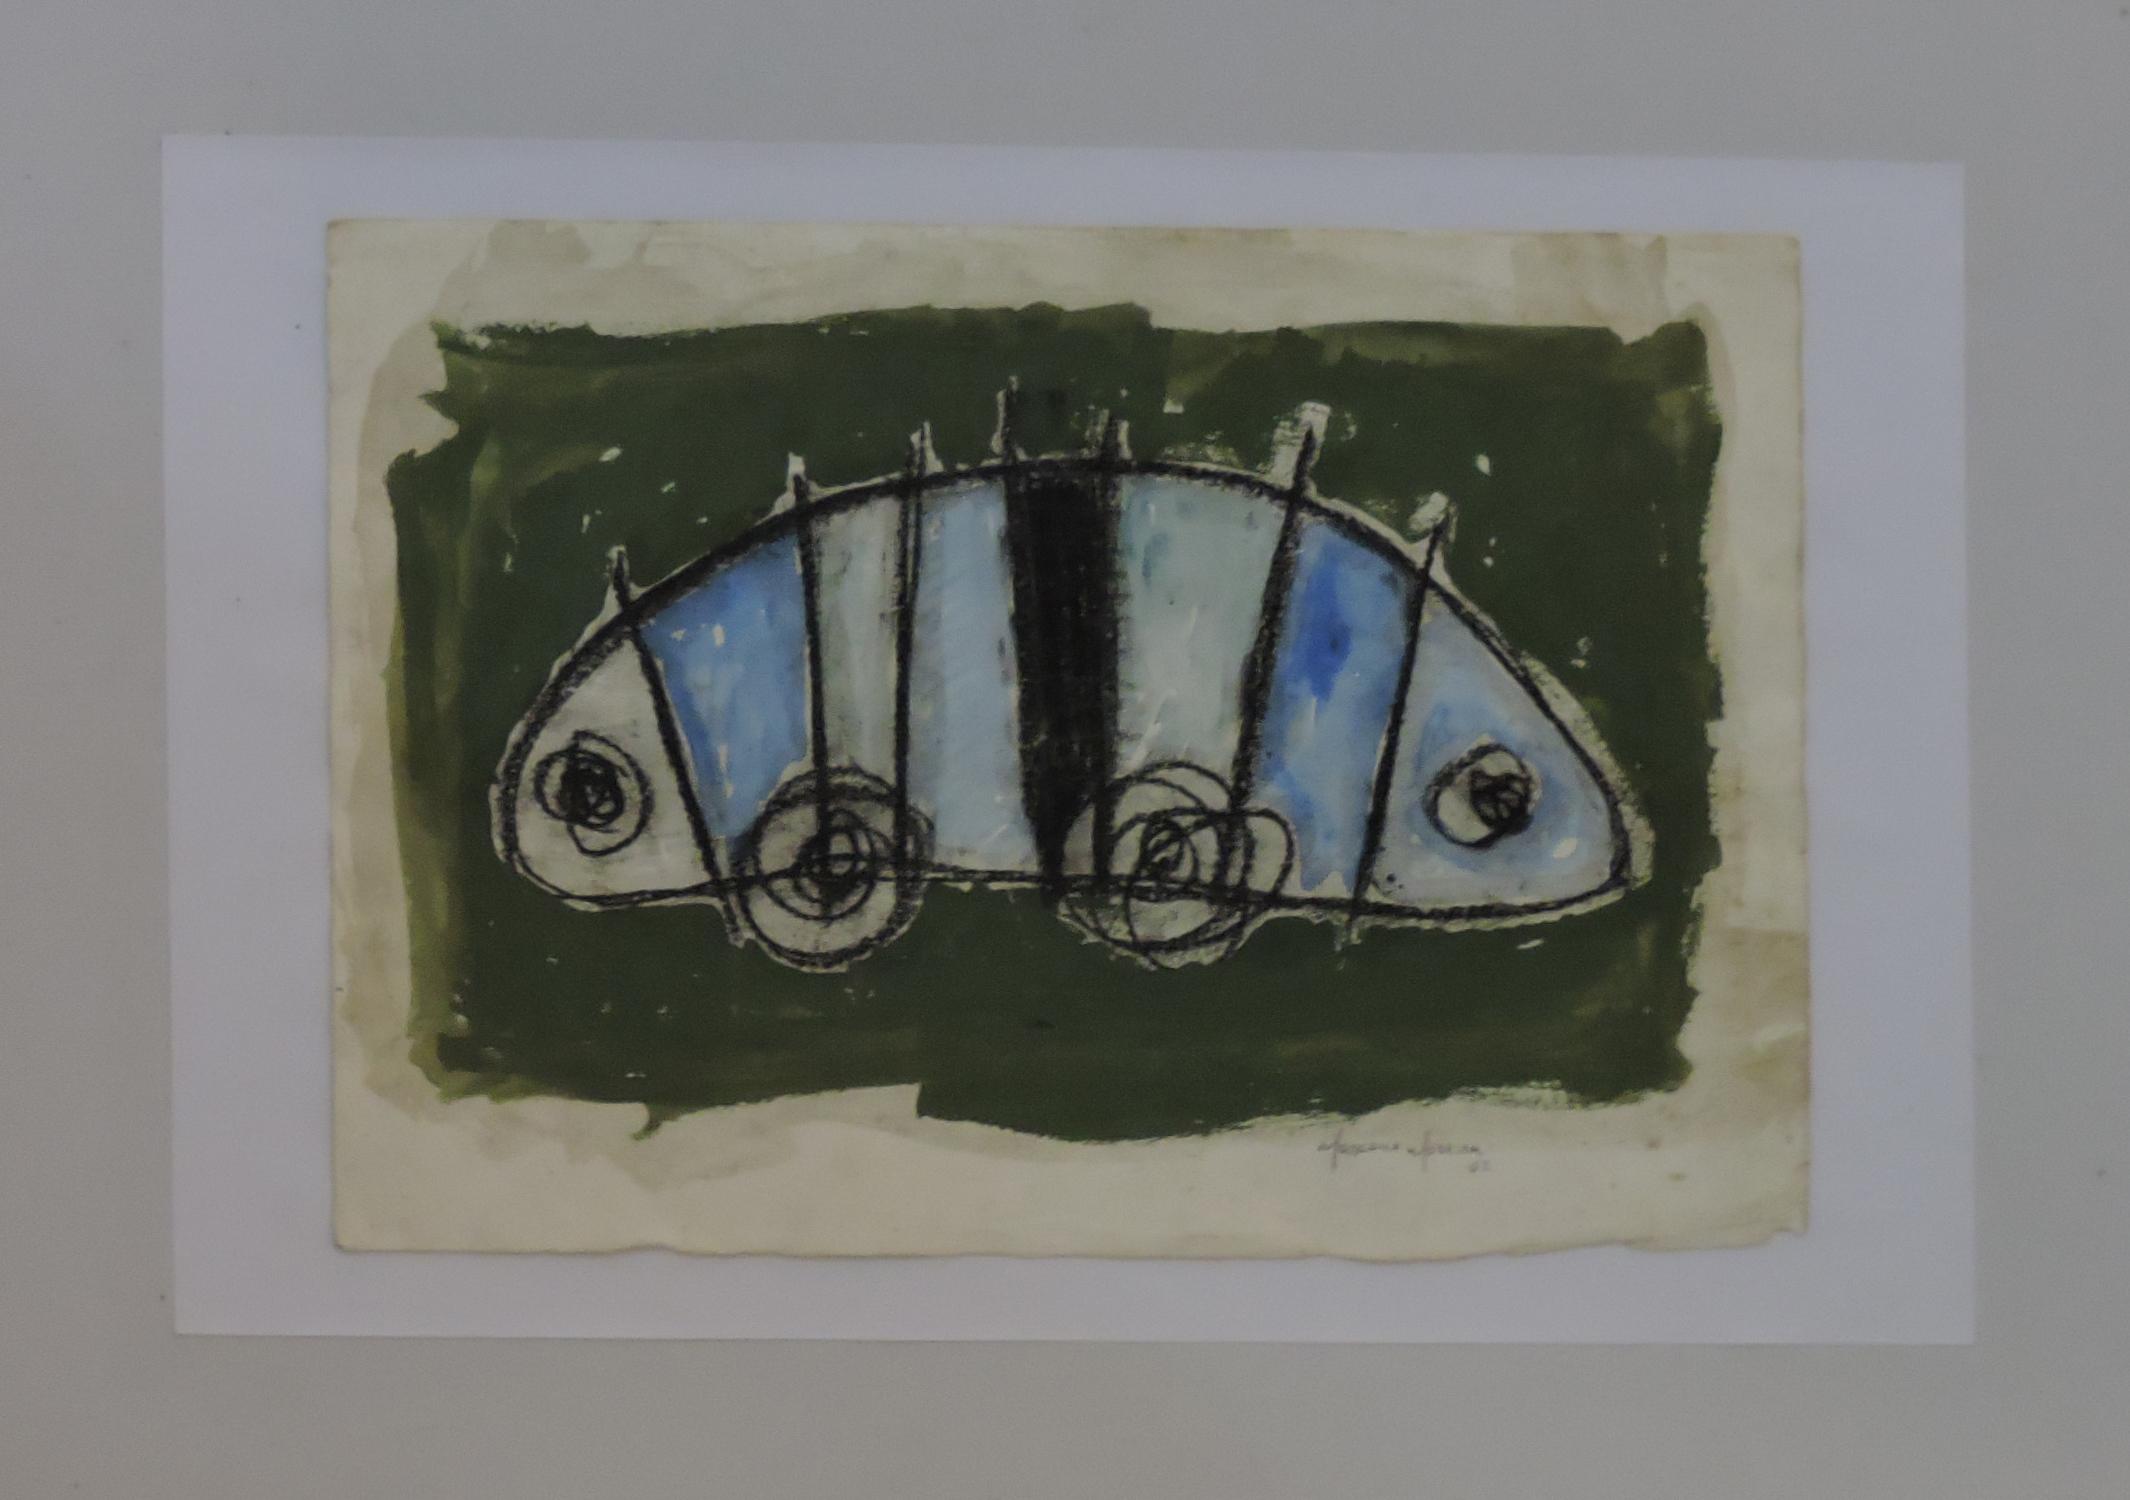 Marcone_Moreira_-_Abstração_verde,_2002._Acrílica_s_papel,_24_x_33